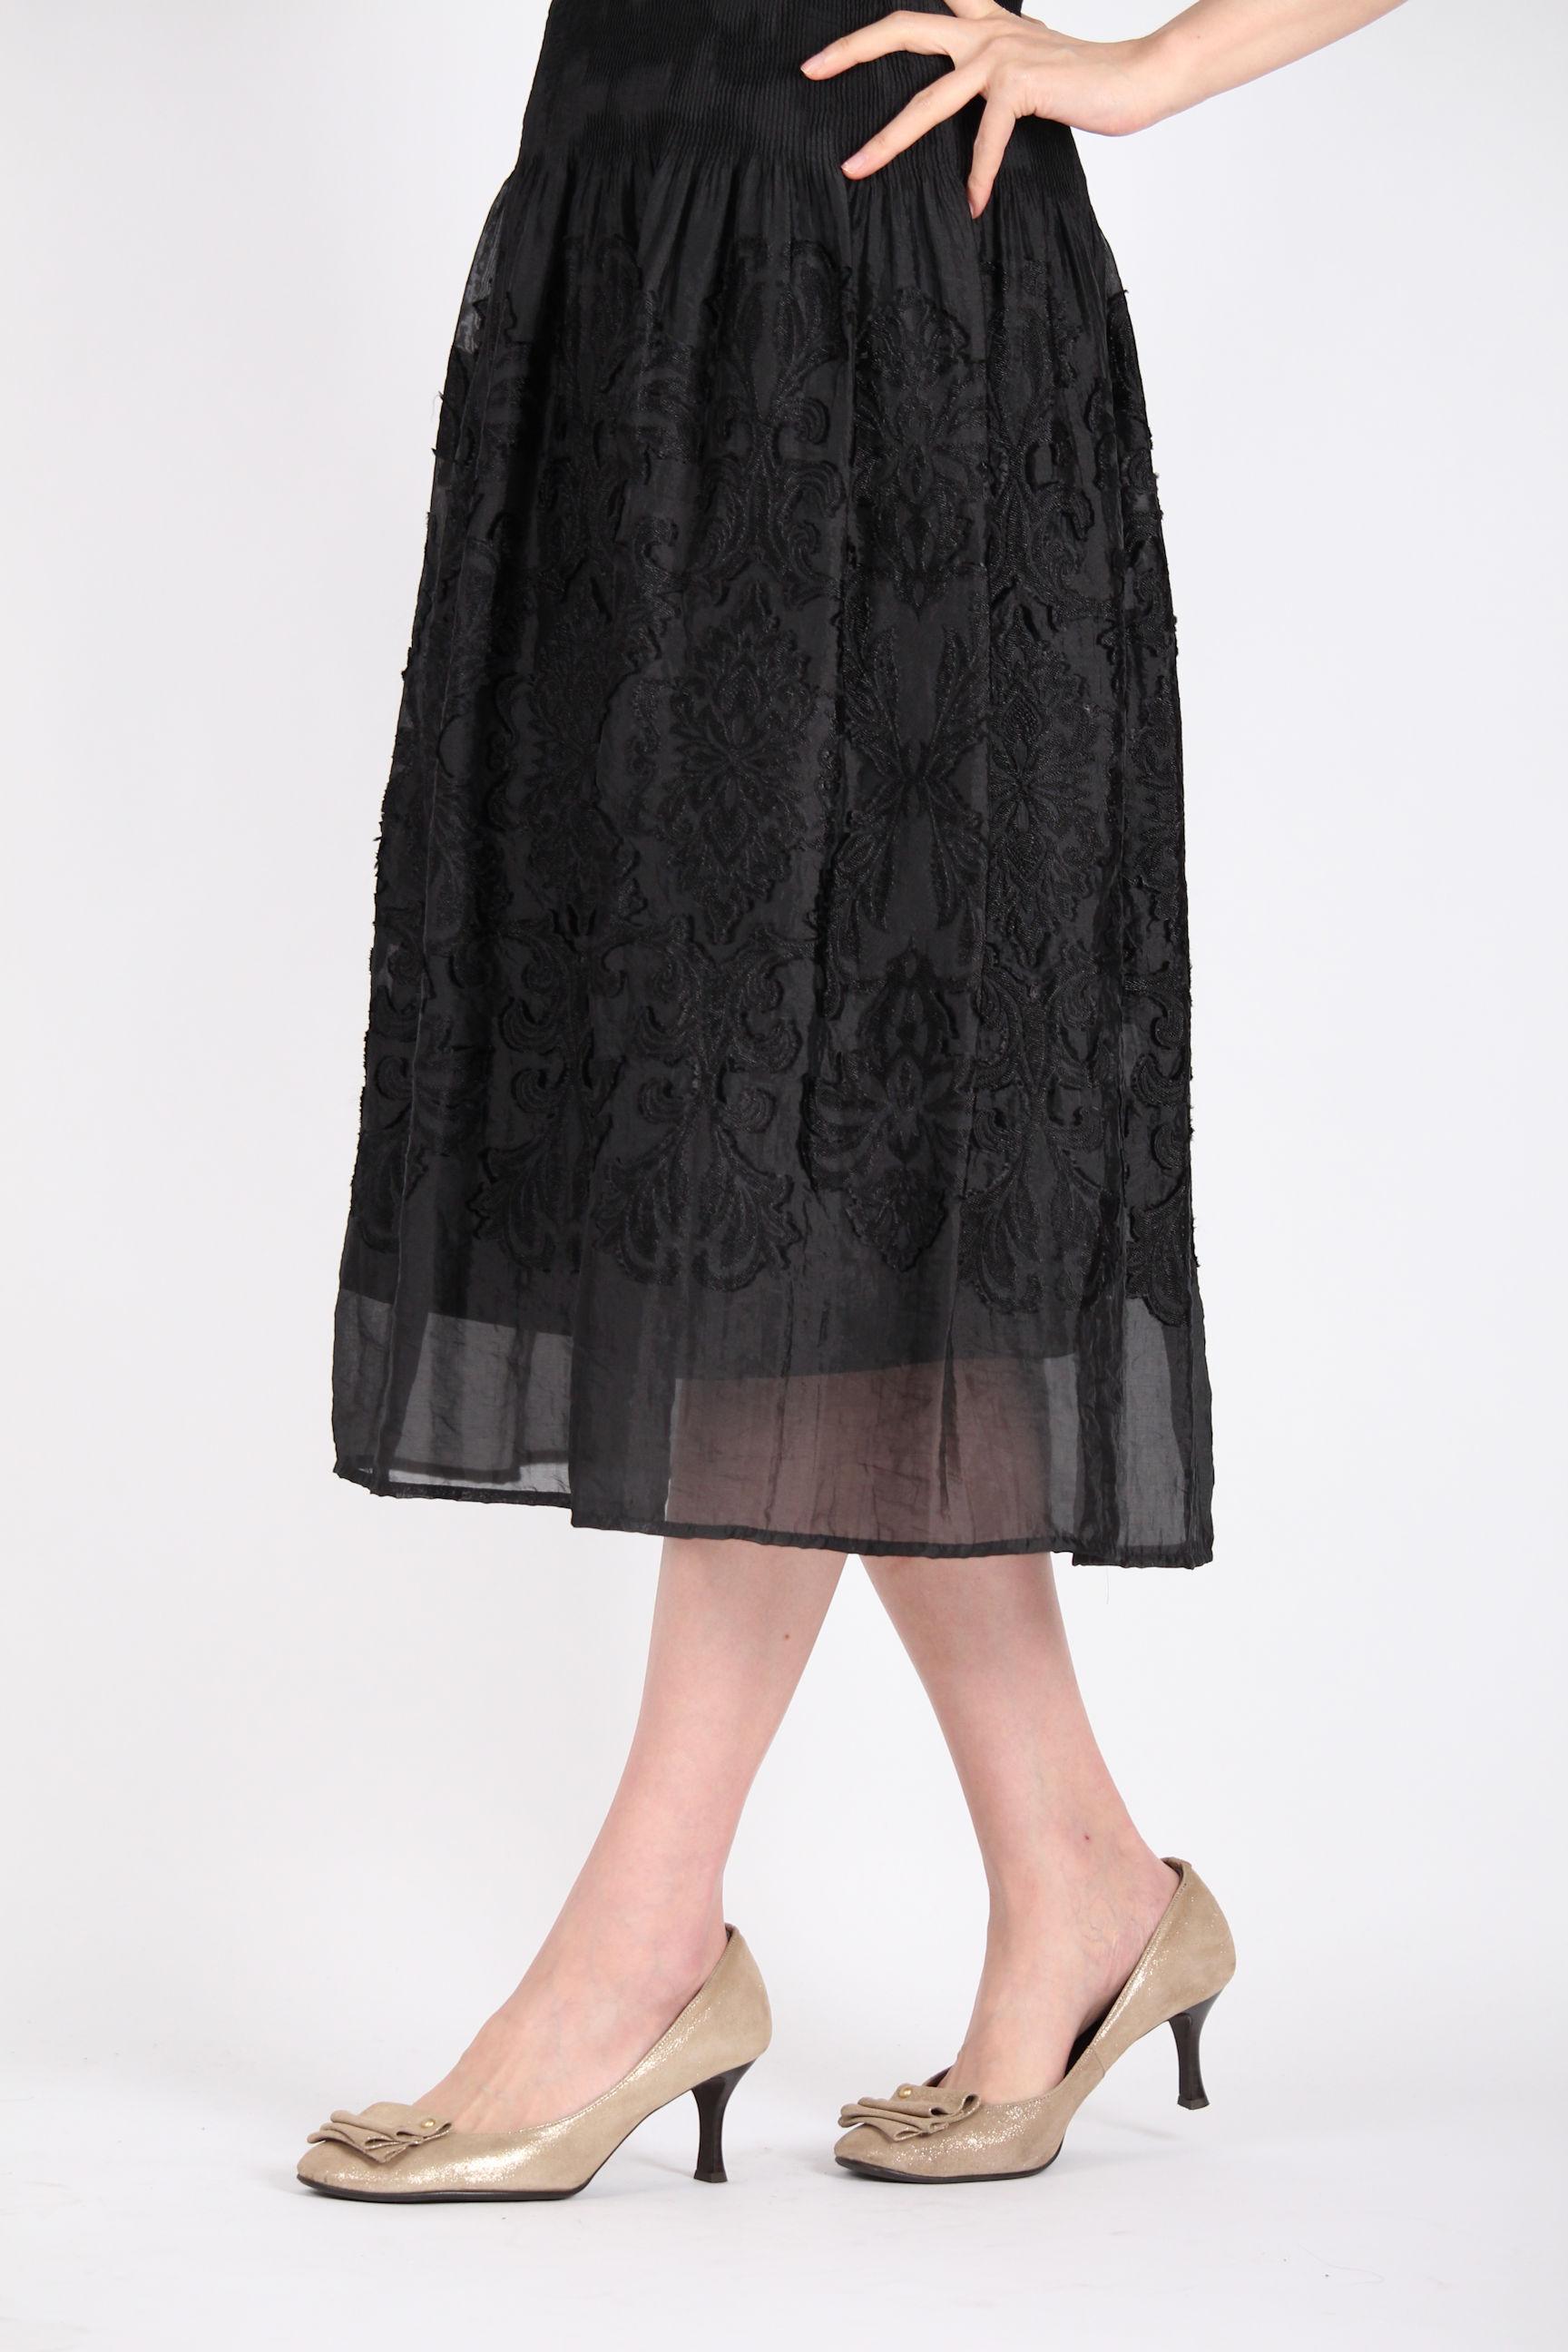 黒シフォンスカート